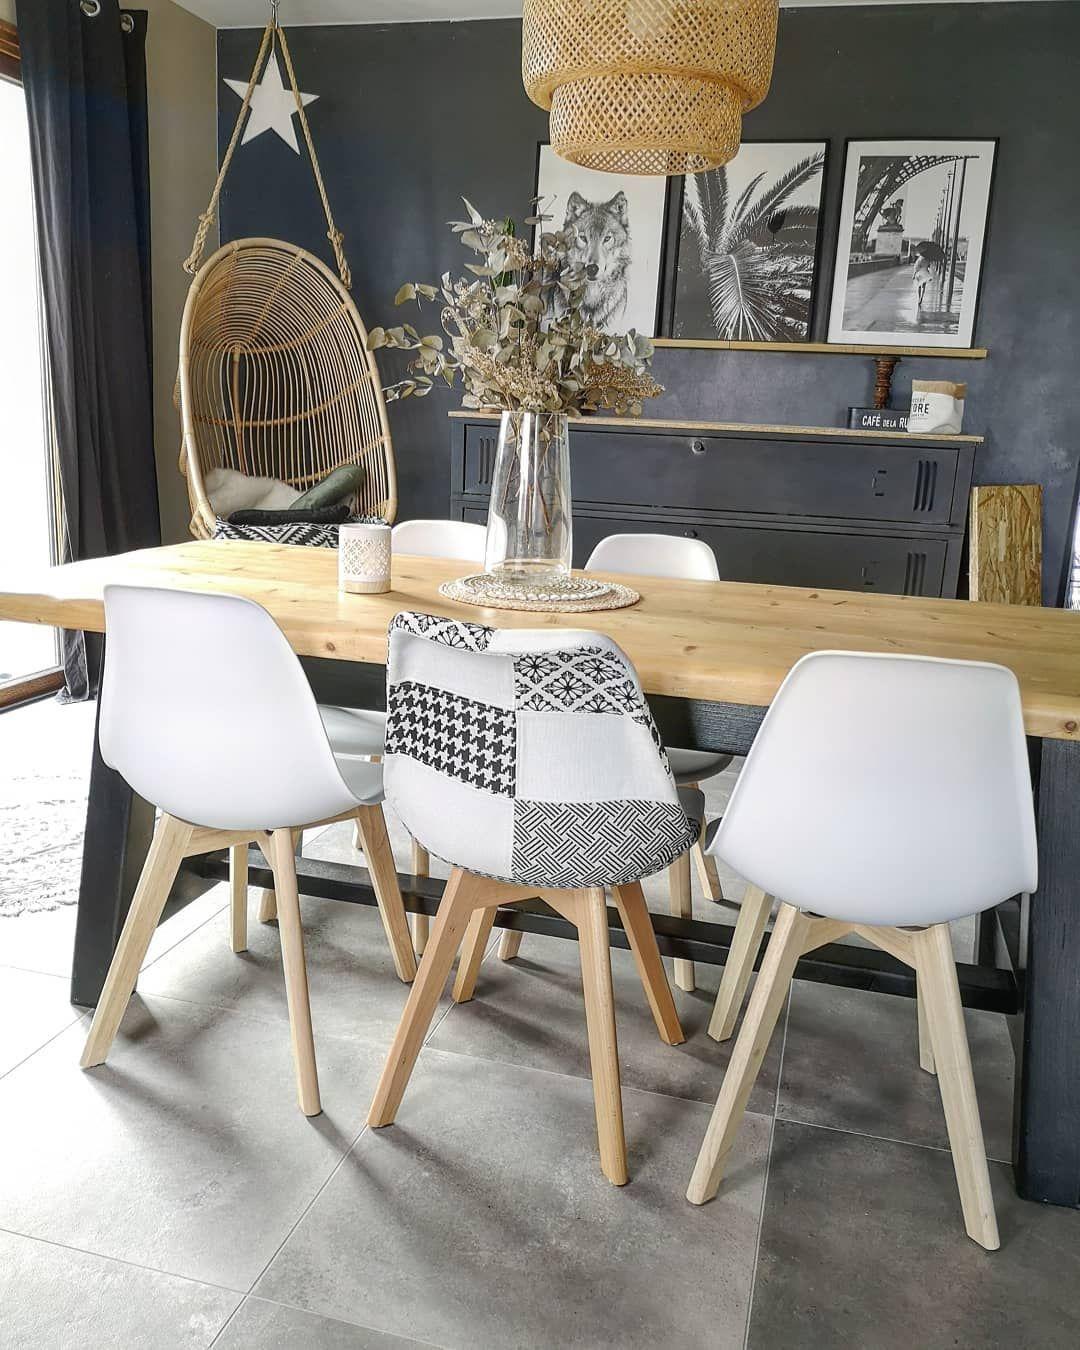 lot de 4 chaises sacha style scandinave